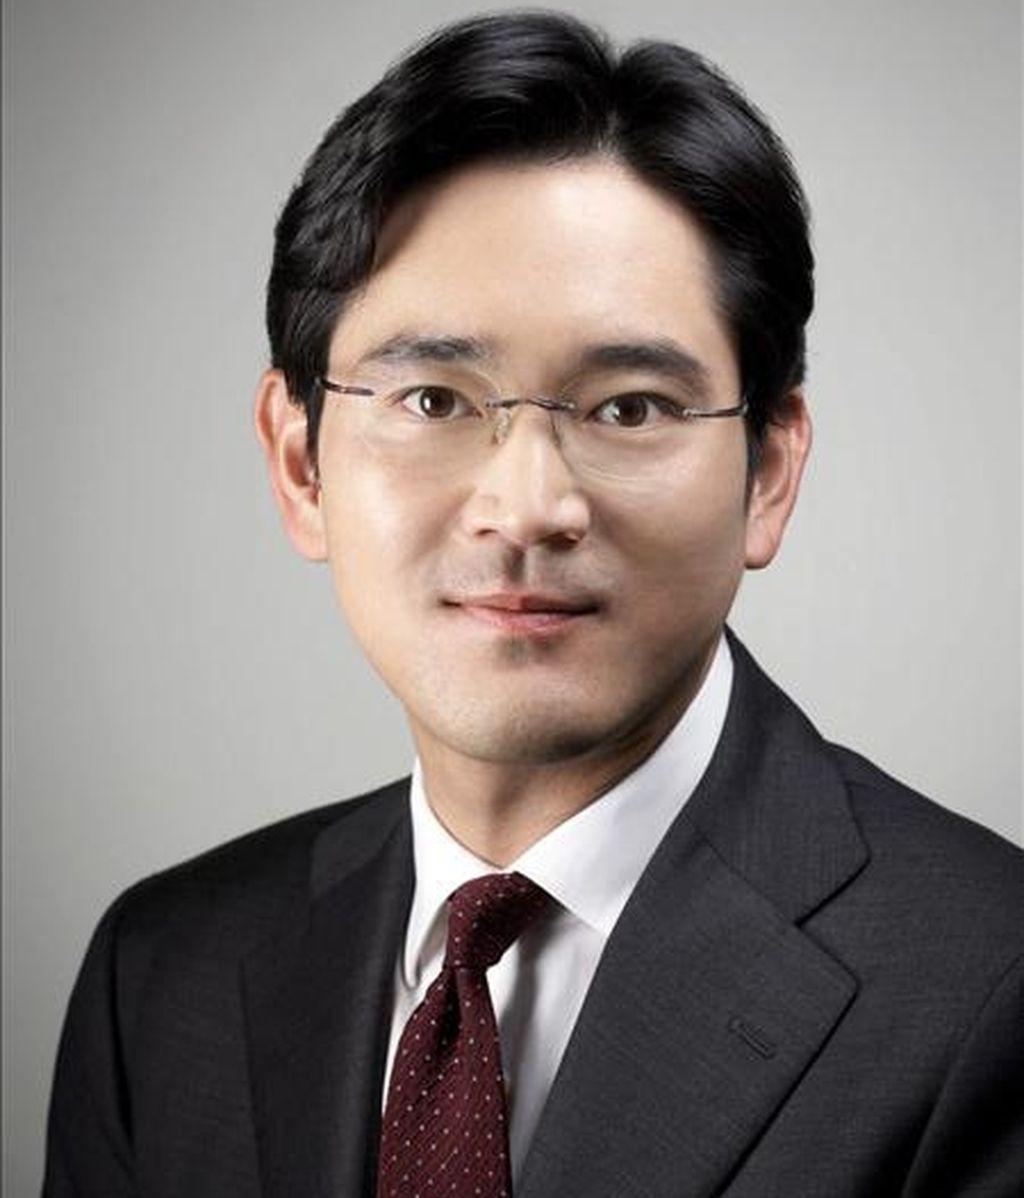 Fotografía sin fechar del vicepresidente de la compañía Samsung Electronics, Lee Jae-yong, quien fue promovido a la presidencia del grupo Samsung este viernes. EFE